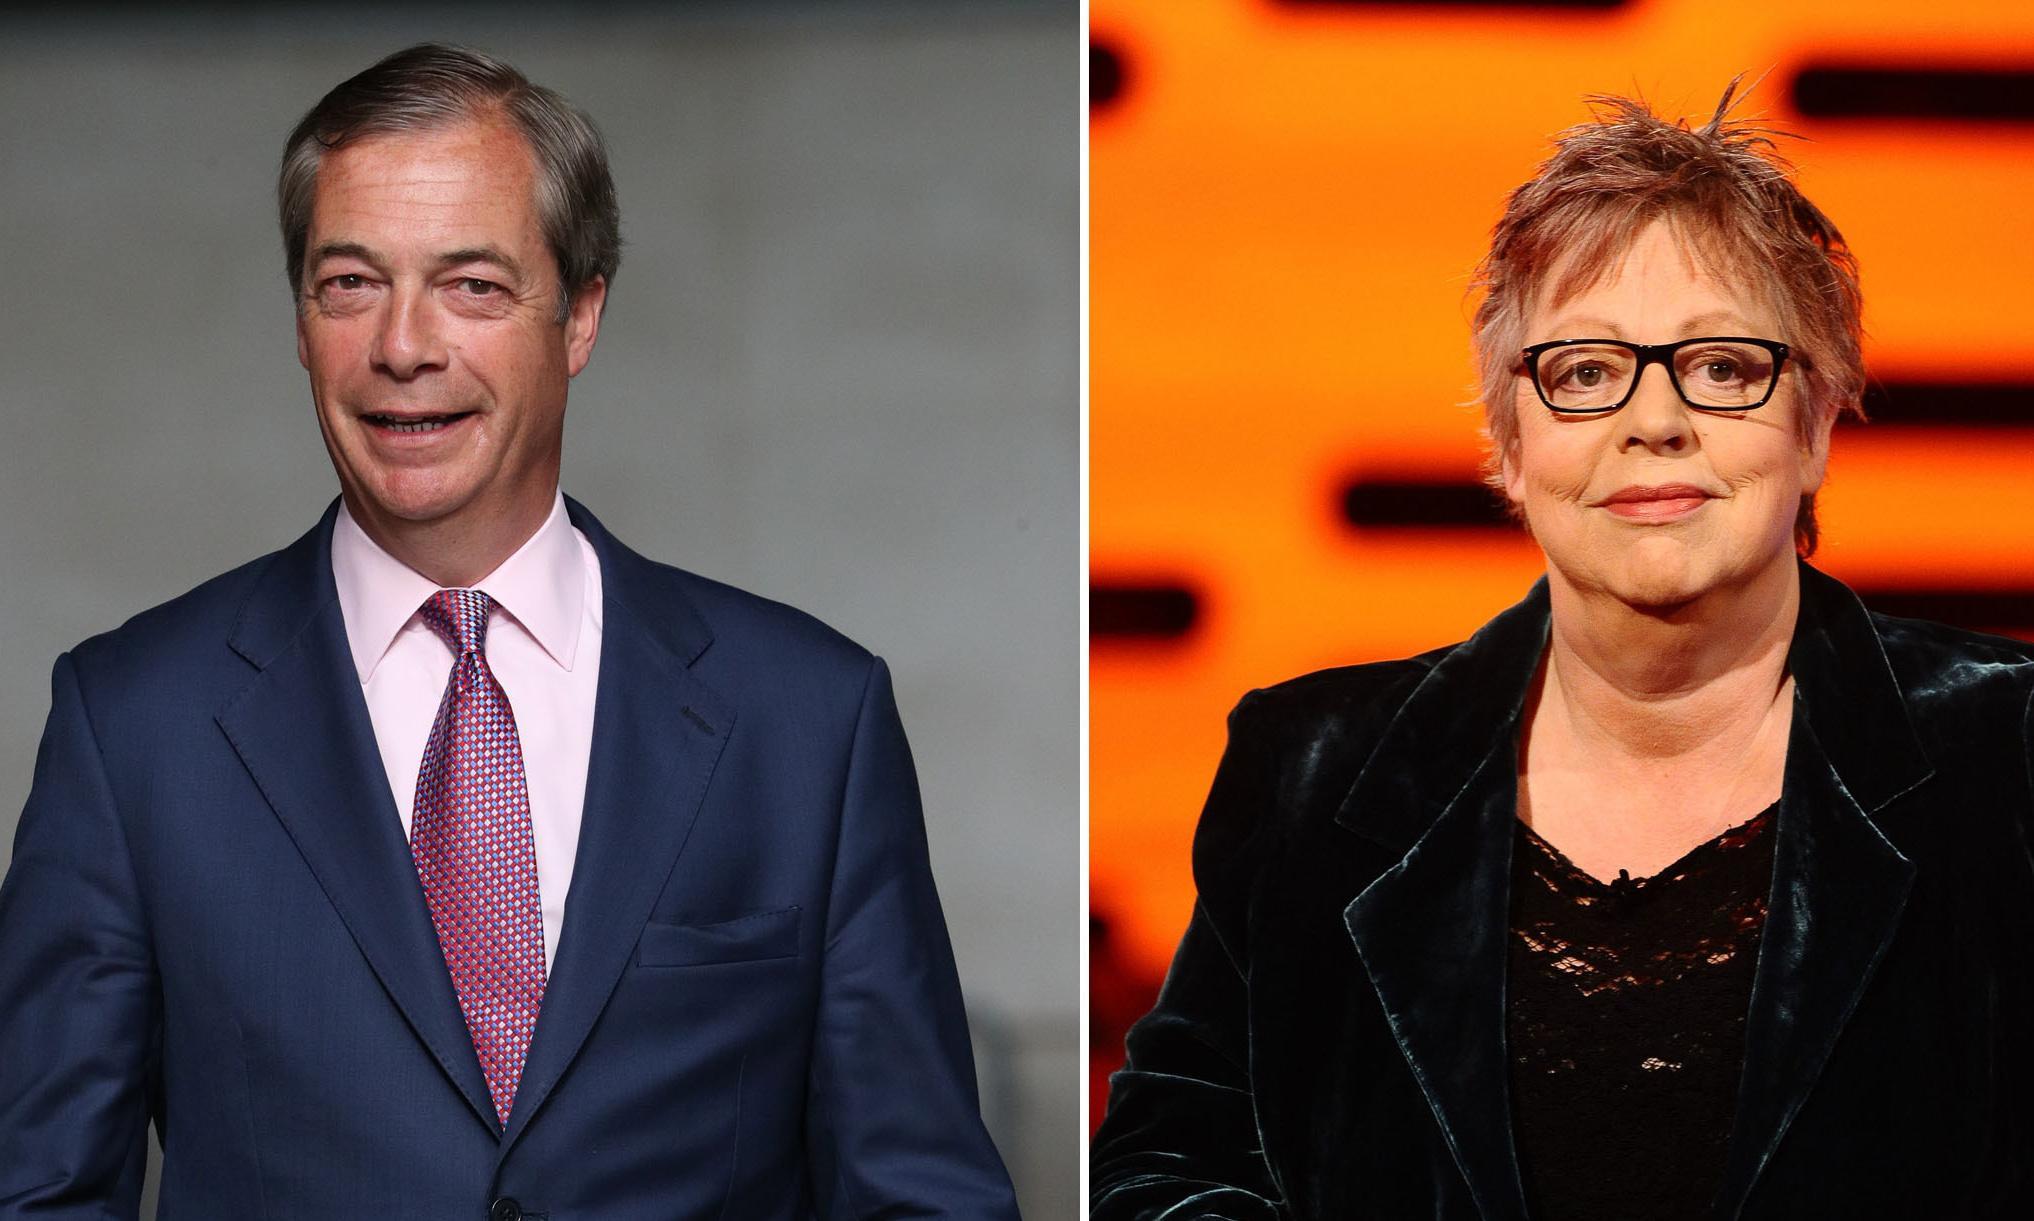 Farage furious over Jo Brand's 'throw battery acid not milkshake' joke